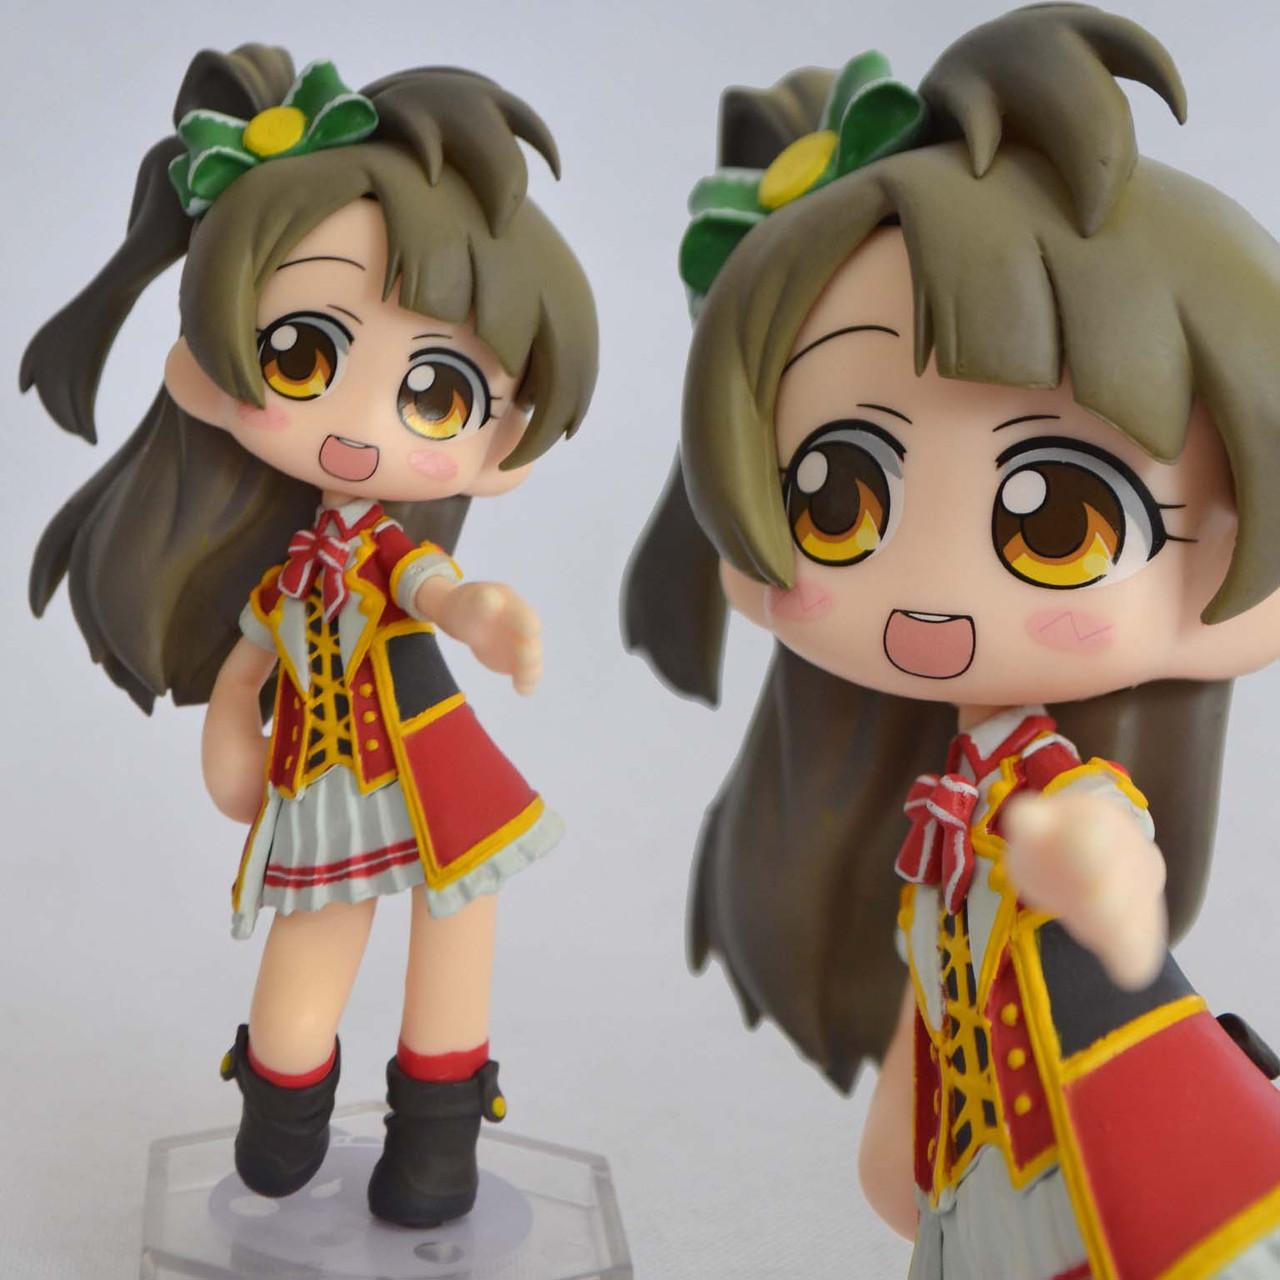 Аніме-фігурка Chara Cute feat. Yagumo Kengou: Minami Kotori